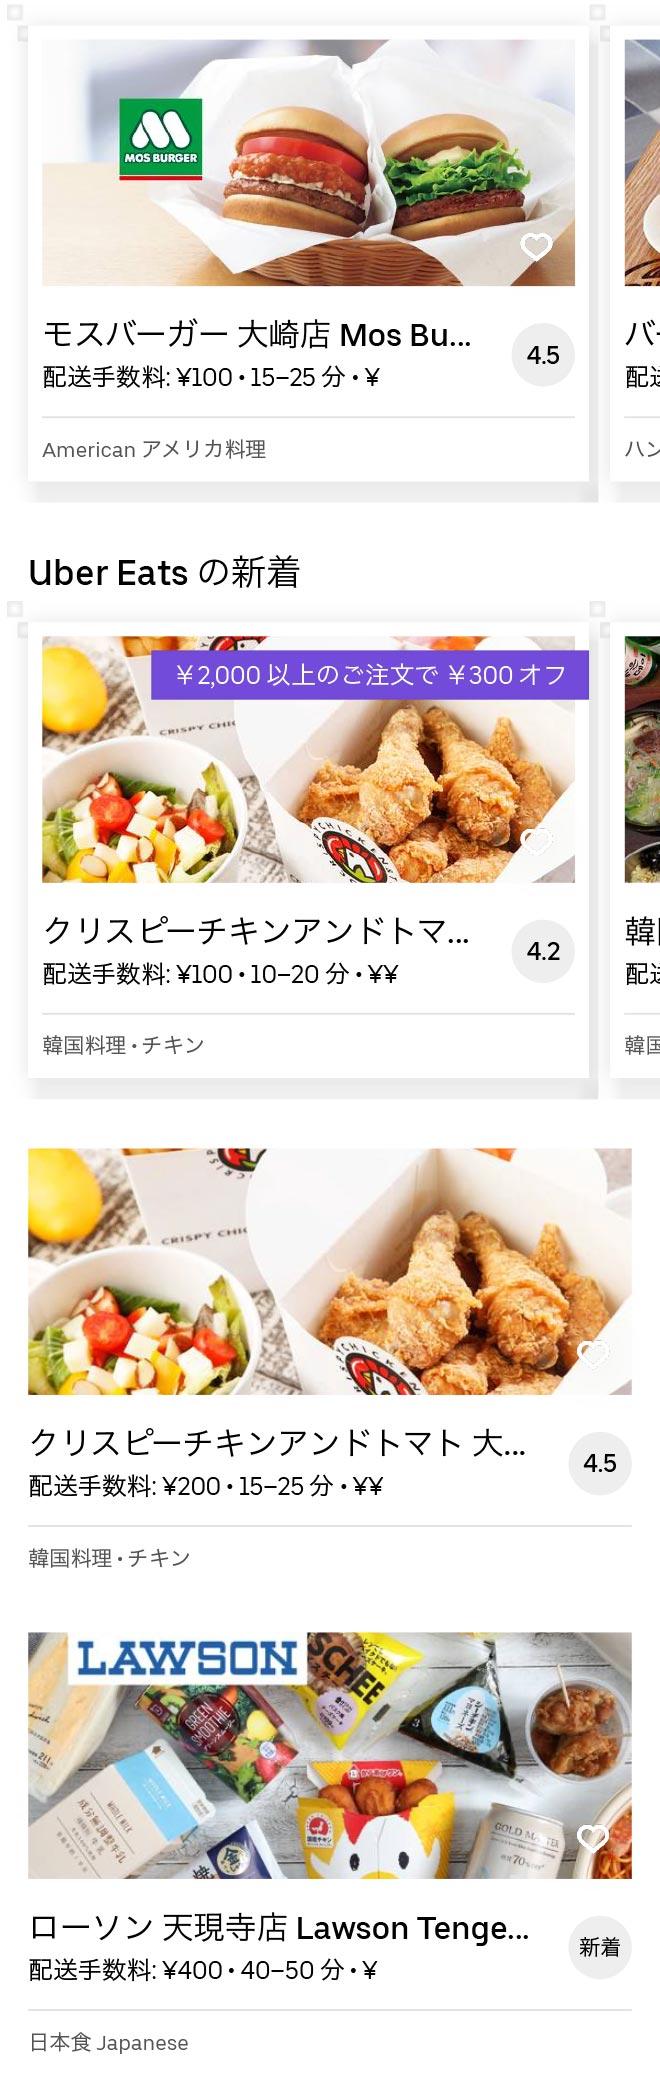 Tokyo osaki menu 2005 02